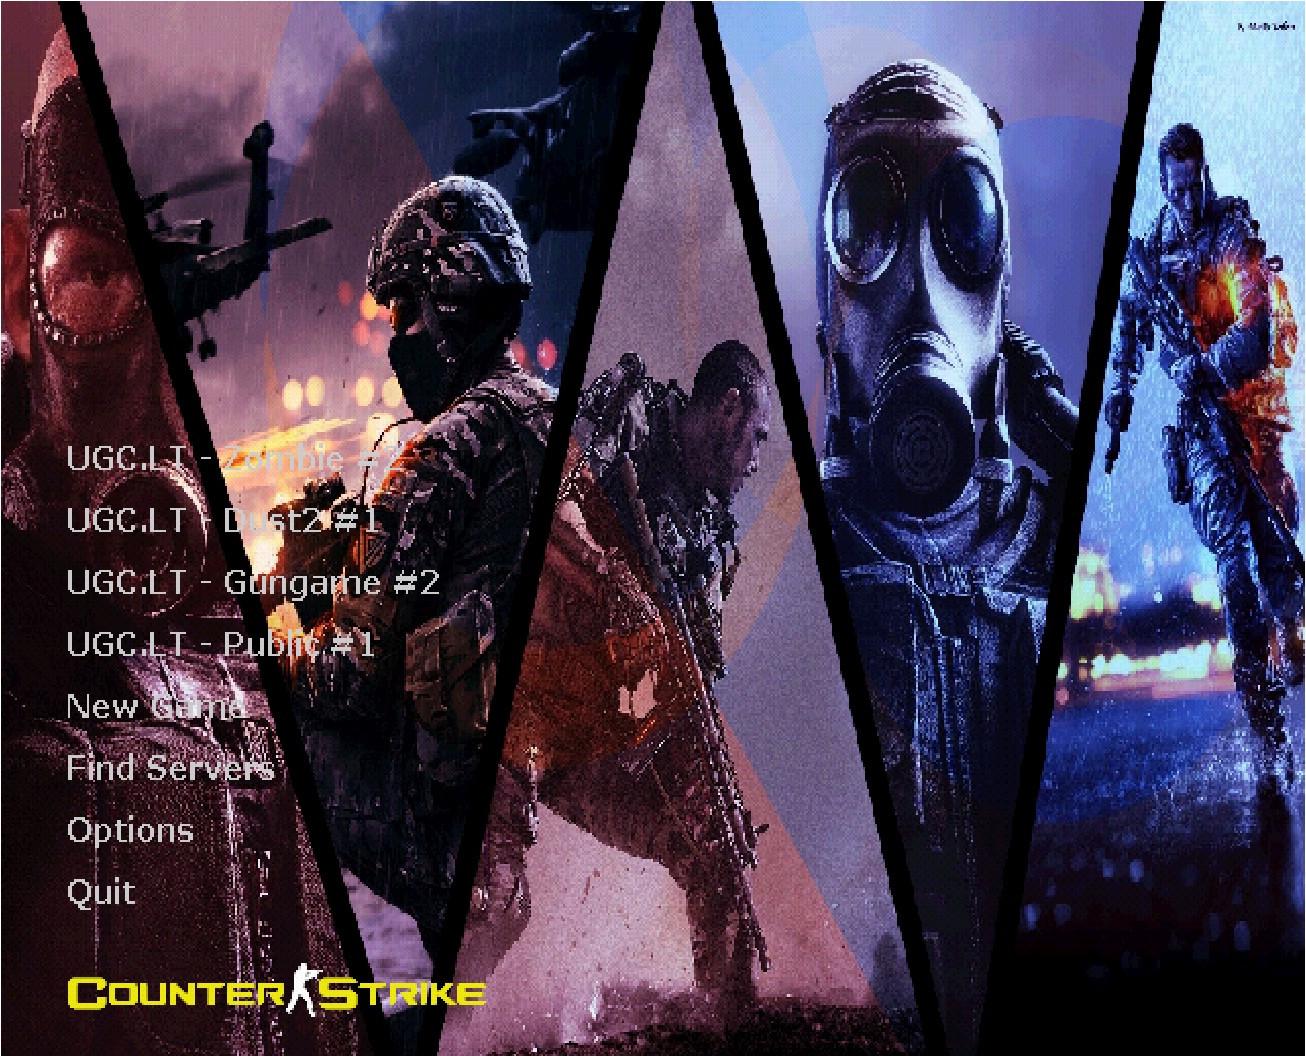 دانلود بک گراند FPS Gaming Background برای کانتر استریک 1.6